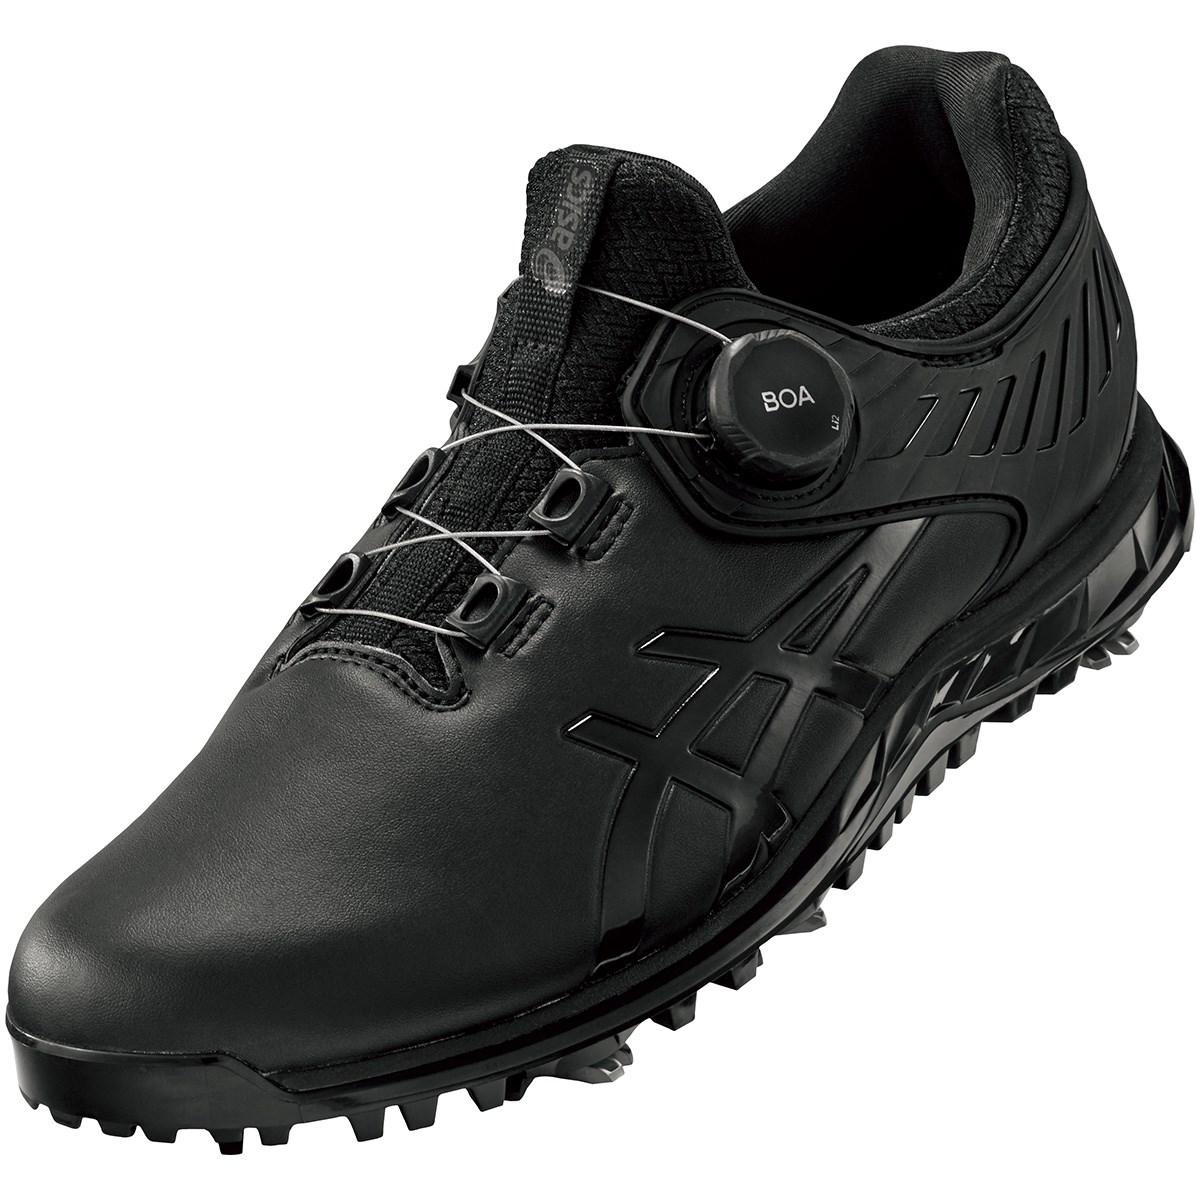 アシックス ASICS ゲルエースプロ5 ボアシューズ 24.5cm ブラック/ブラック 001